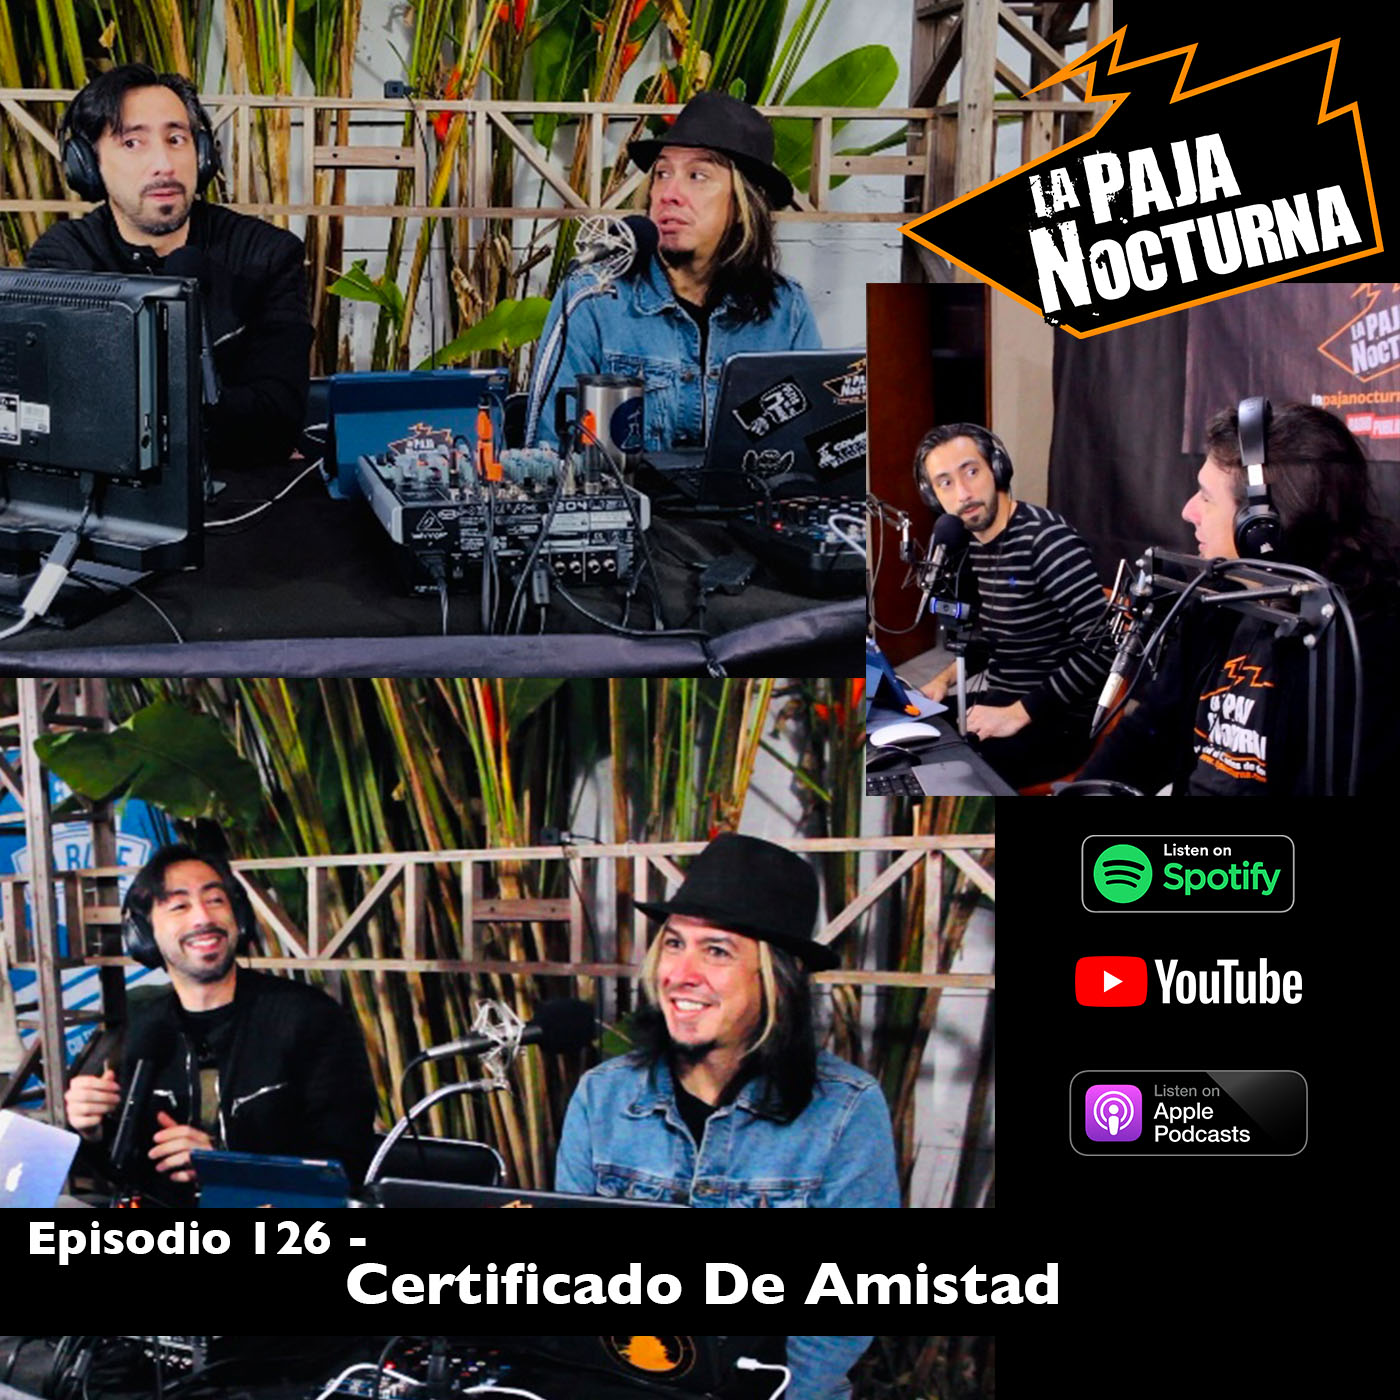 La paja nocturna podcast Episodio 126